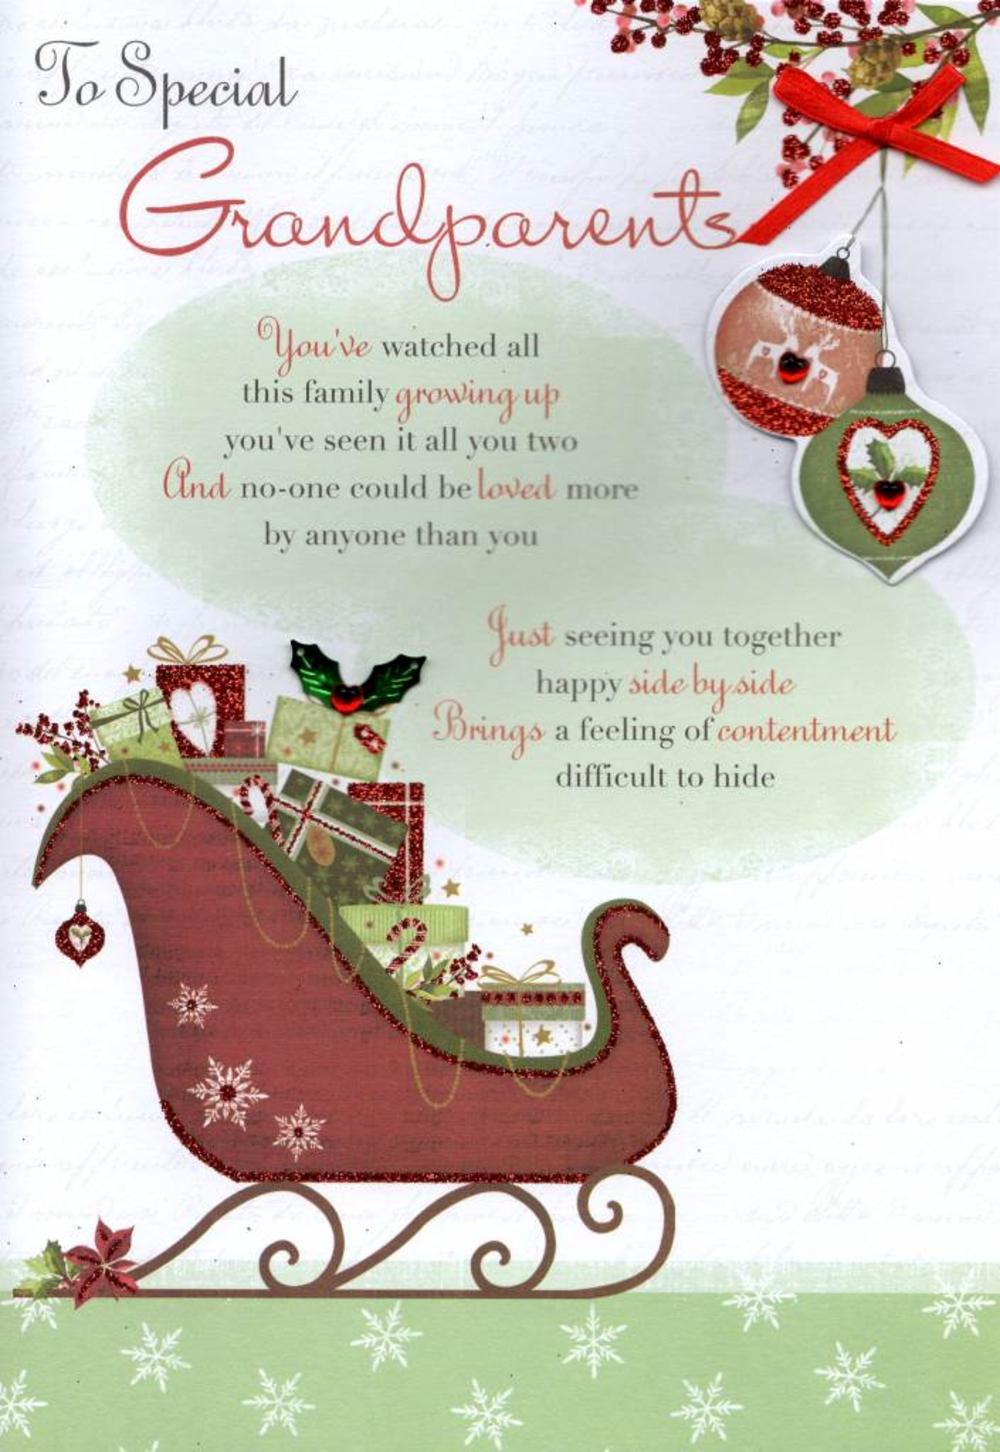 Swish Ma Friends Card Verses Ma Card Verses Ad Shopping Site Card Verses Ad Card Verses inspiration Christmas Card Verses